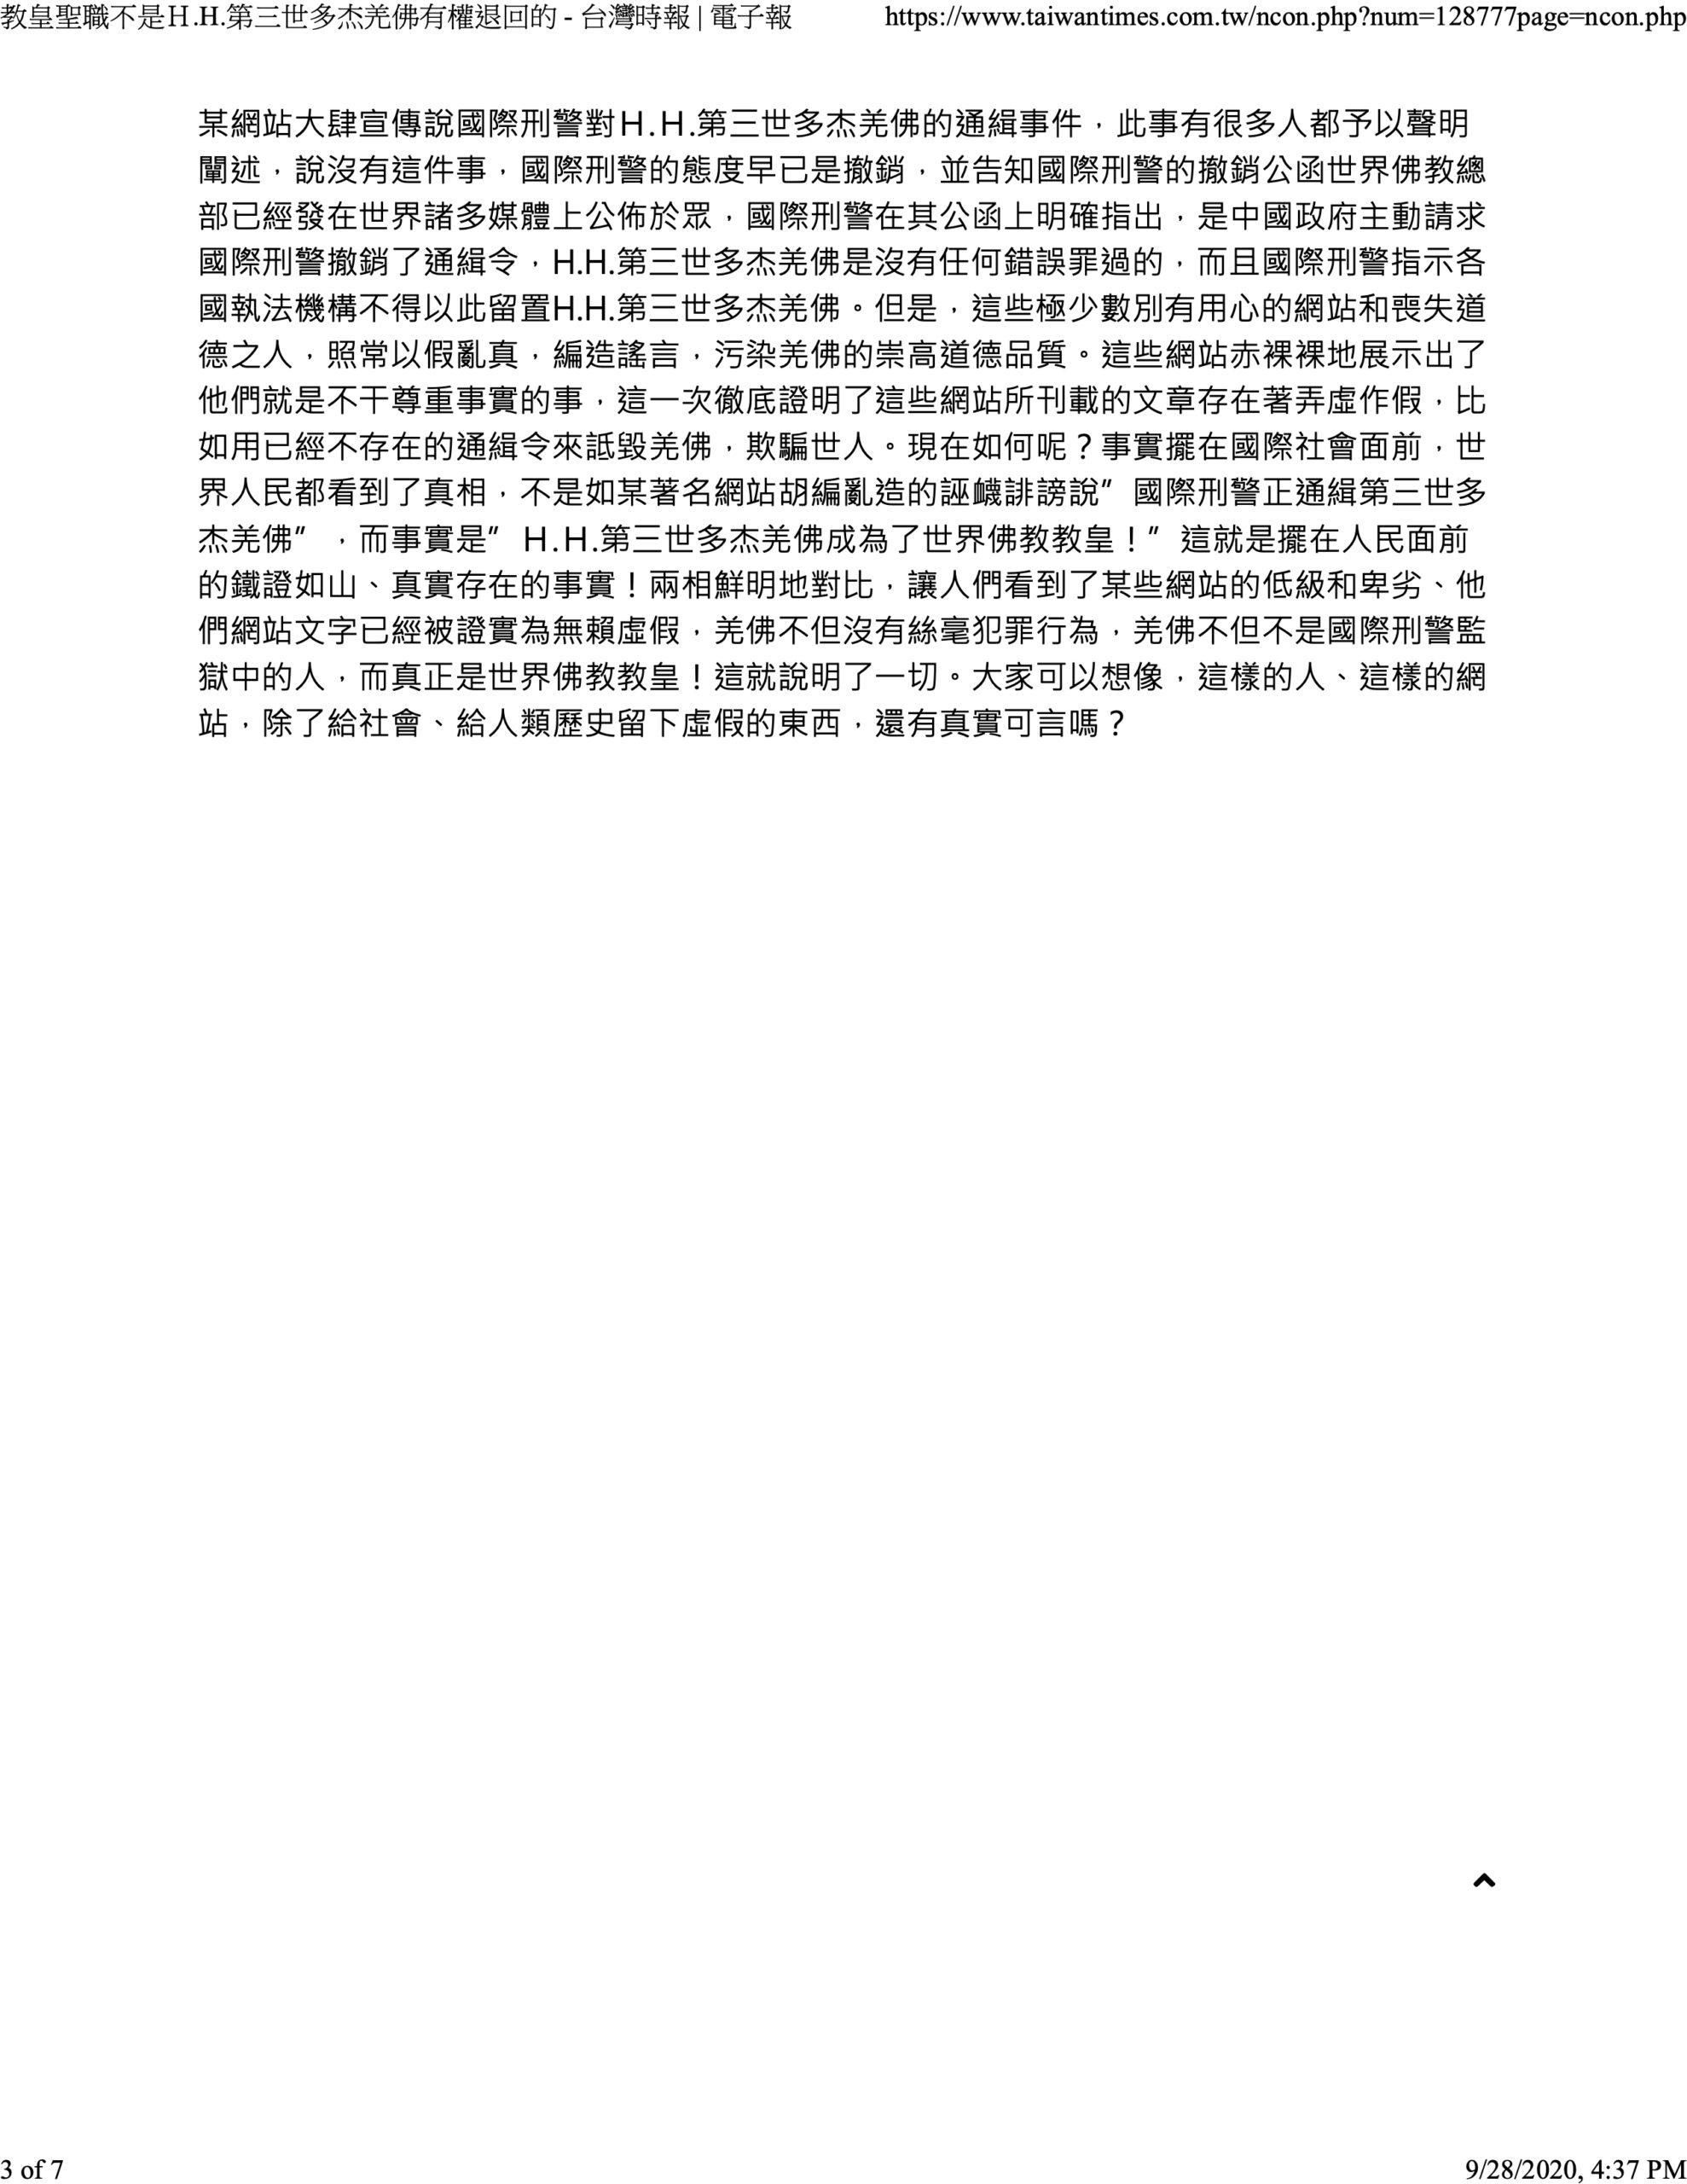 2-3 台灣時報電子報_教皇聖職不是H.H.第三世多杰羌佛有權退回的_9-28-2020